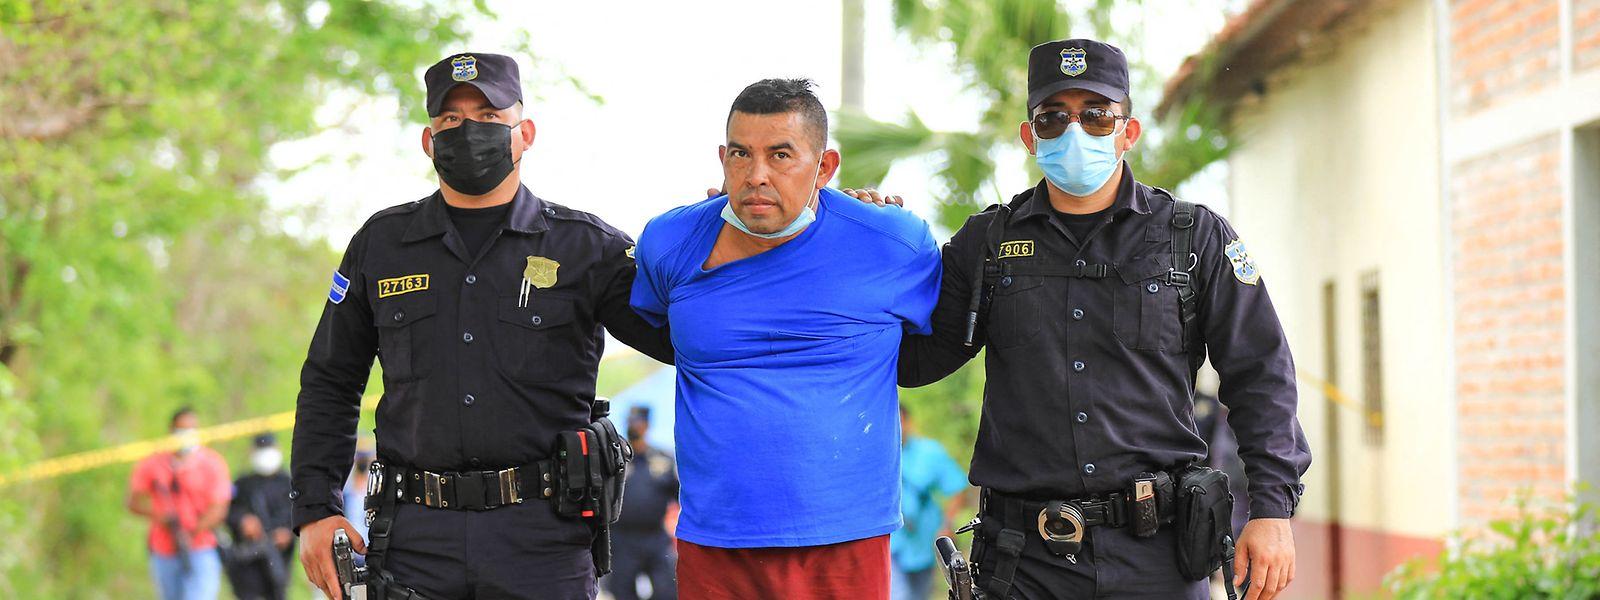 Der verdächtige Ex-Polizist wird von Beamten abgeführt.